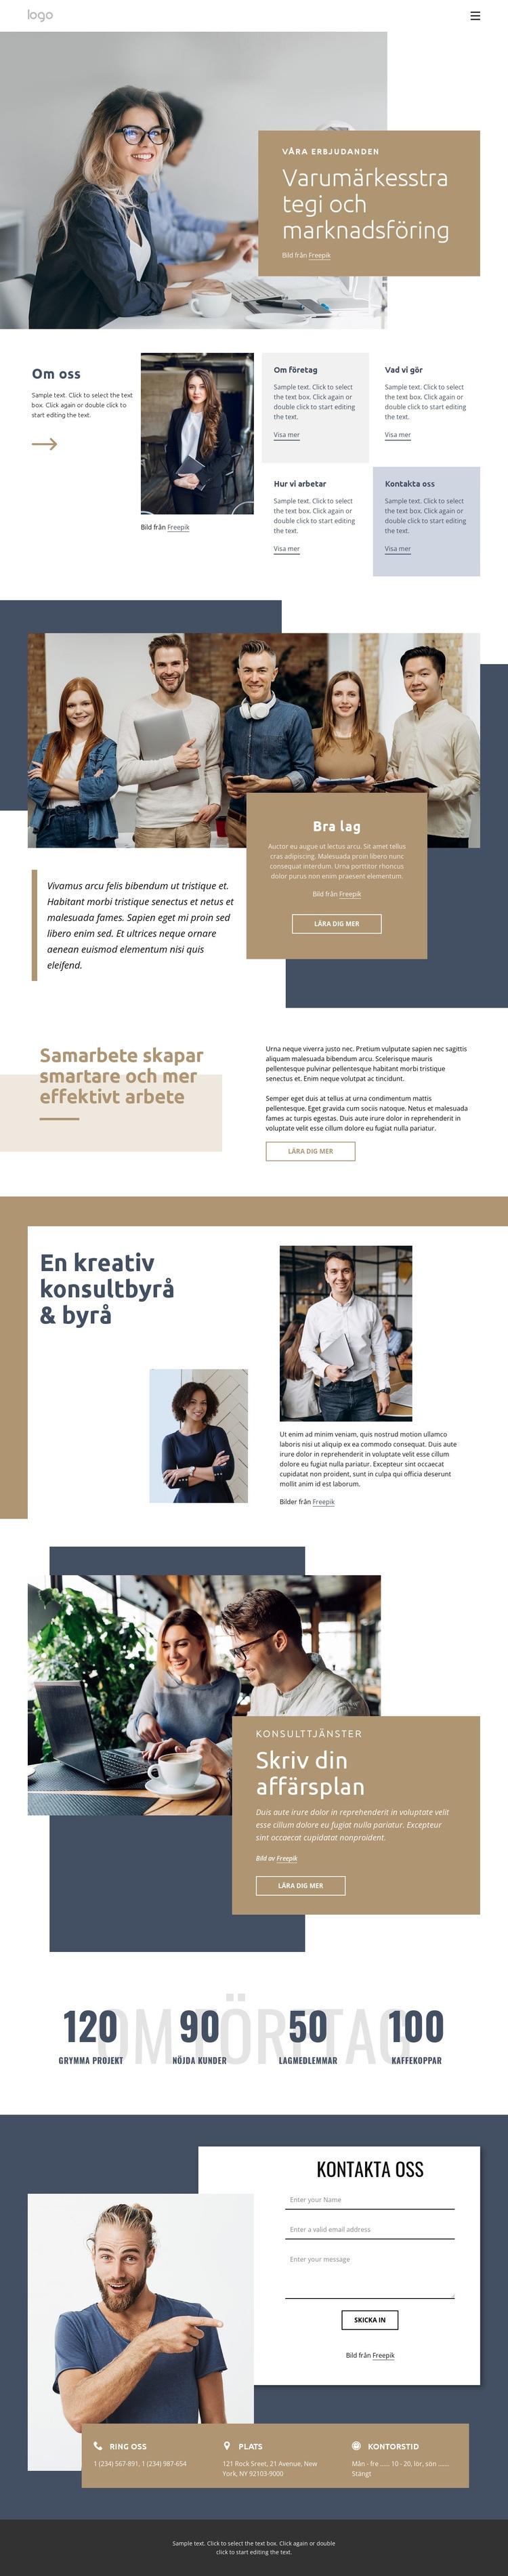 Varumärkesstrategi och marknadsföring Webbplats mall